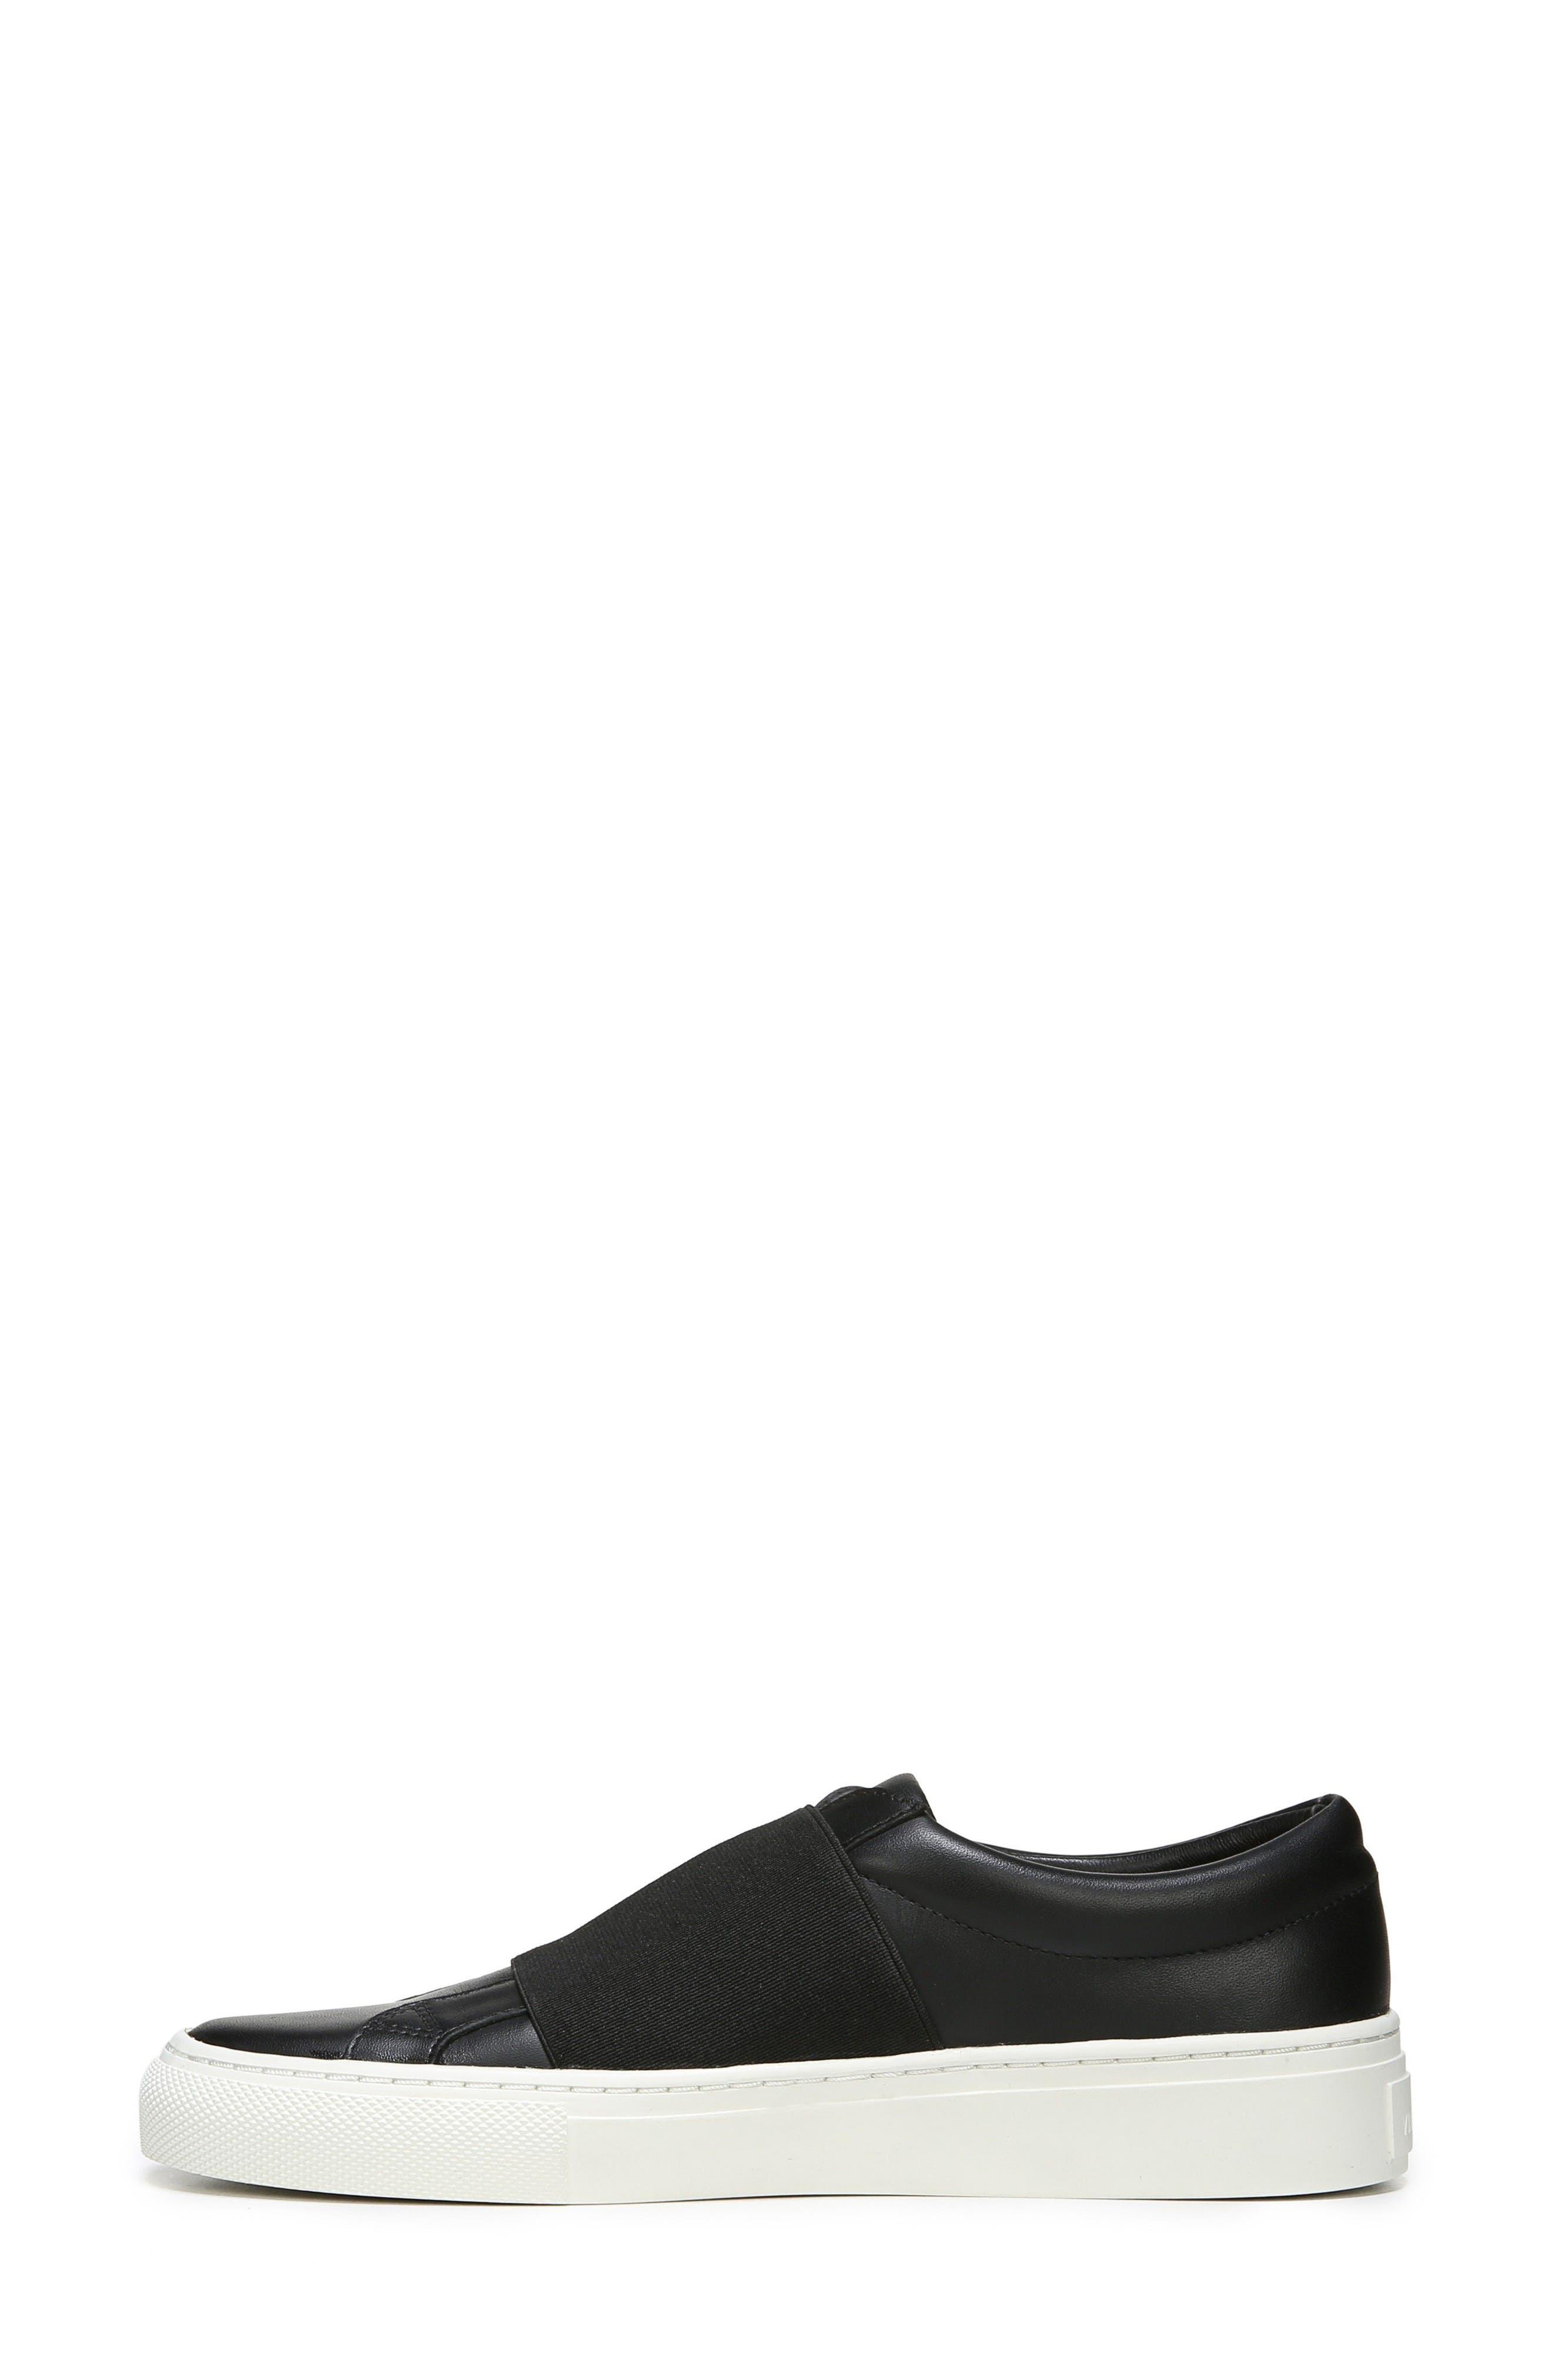 Saran Slip-On Sneaker,                             Alternate thumbnail 3, color,                             003